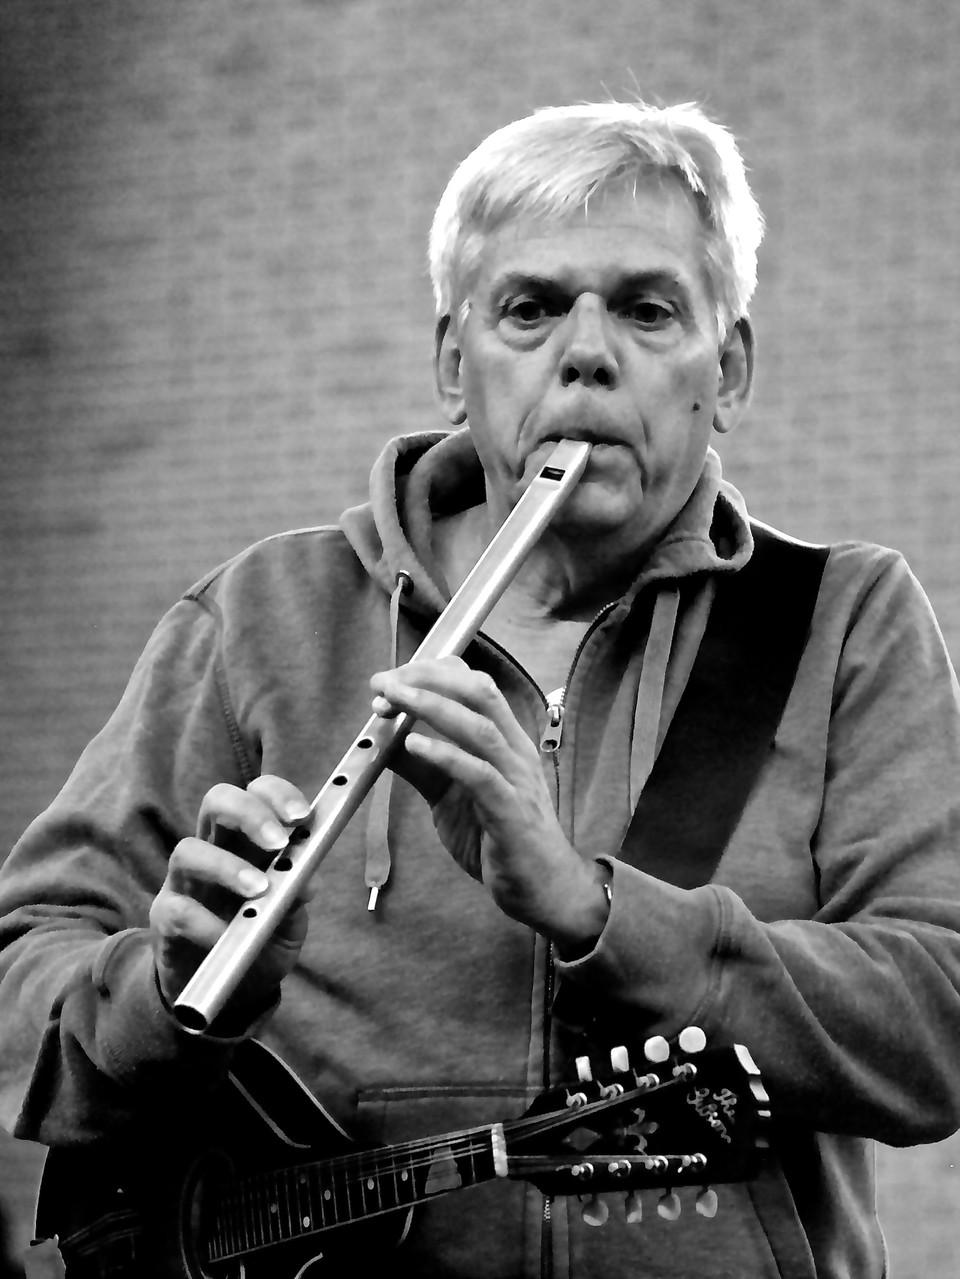 Rainer Guth (Flöten) Die Musiker der Band von ulf hartmann. Livemusik (Singer-Songwriter) aus Braunschweig. Foto: André Pause